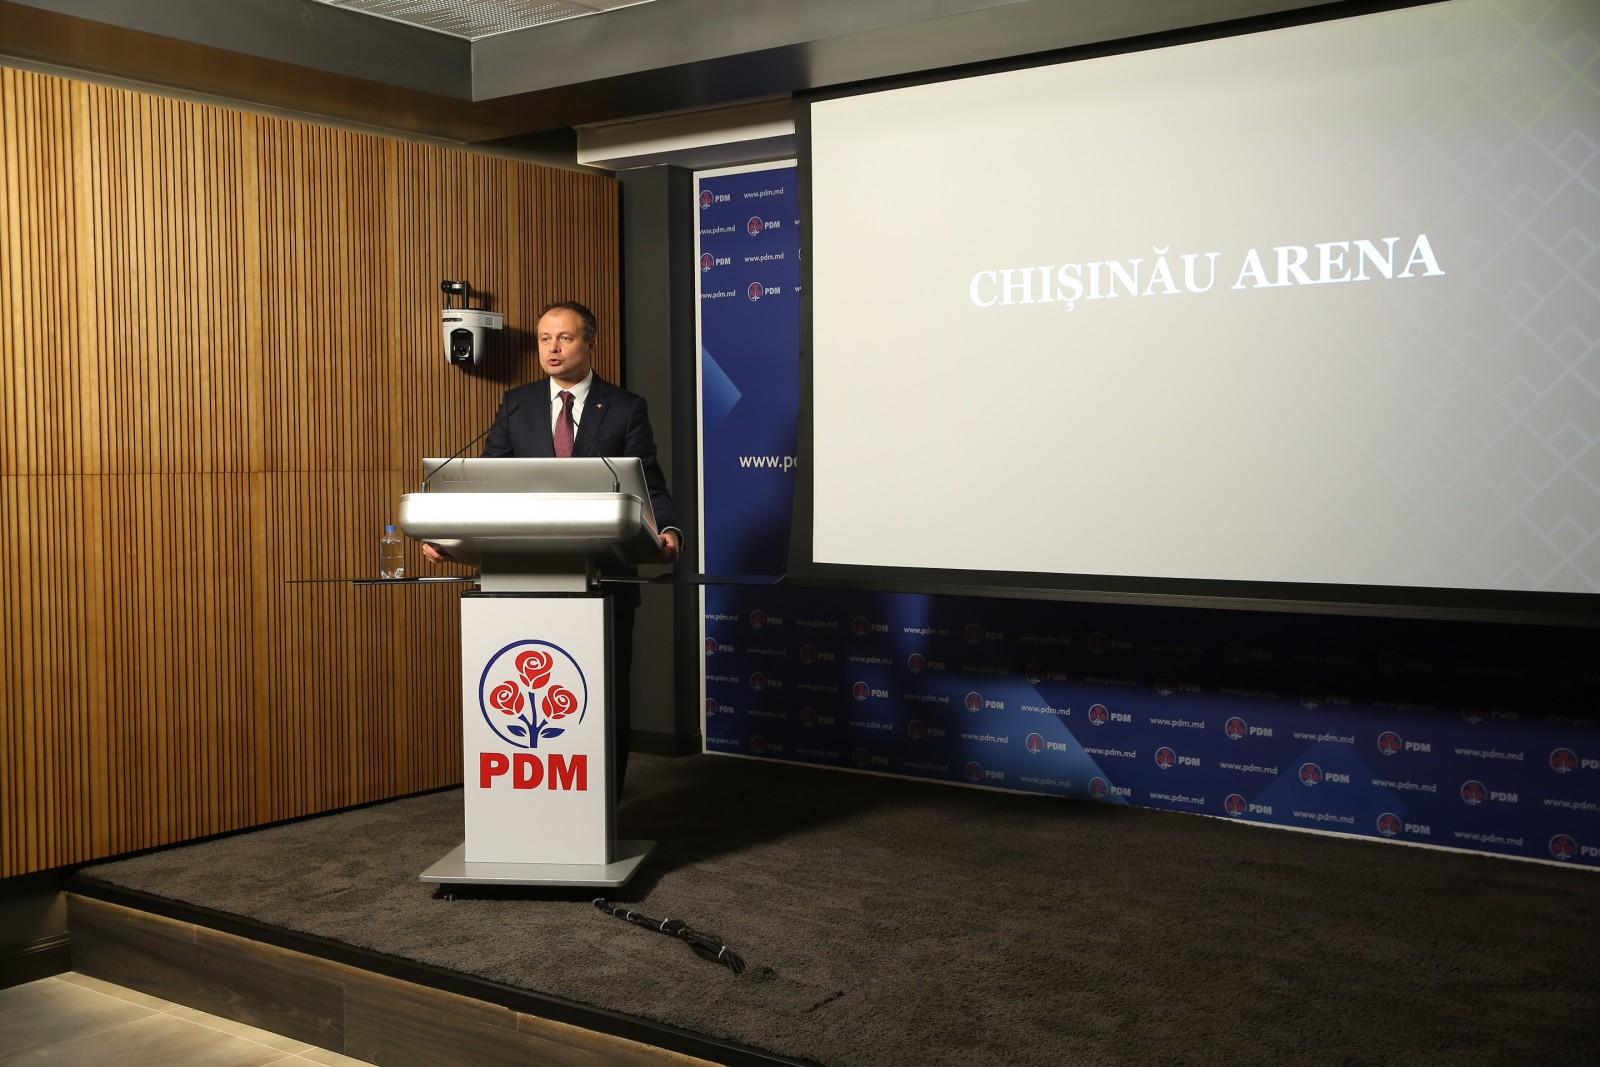 """(video) Proiectul """"Chișinău Arena"""" prezentat de PDM a fost luat de pe Youtube. Ce a prezentat de fapt Andrian Candu"""